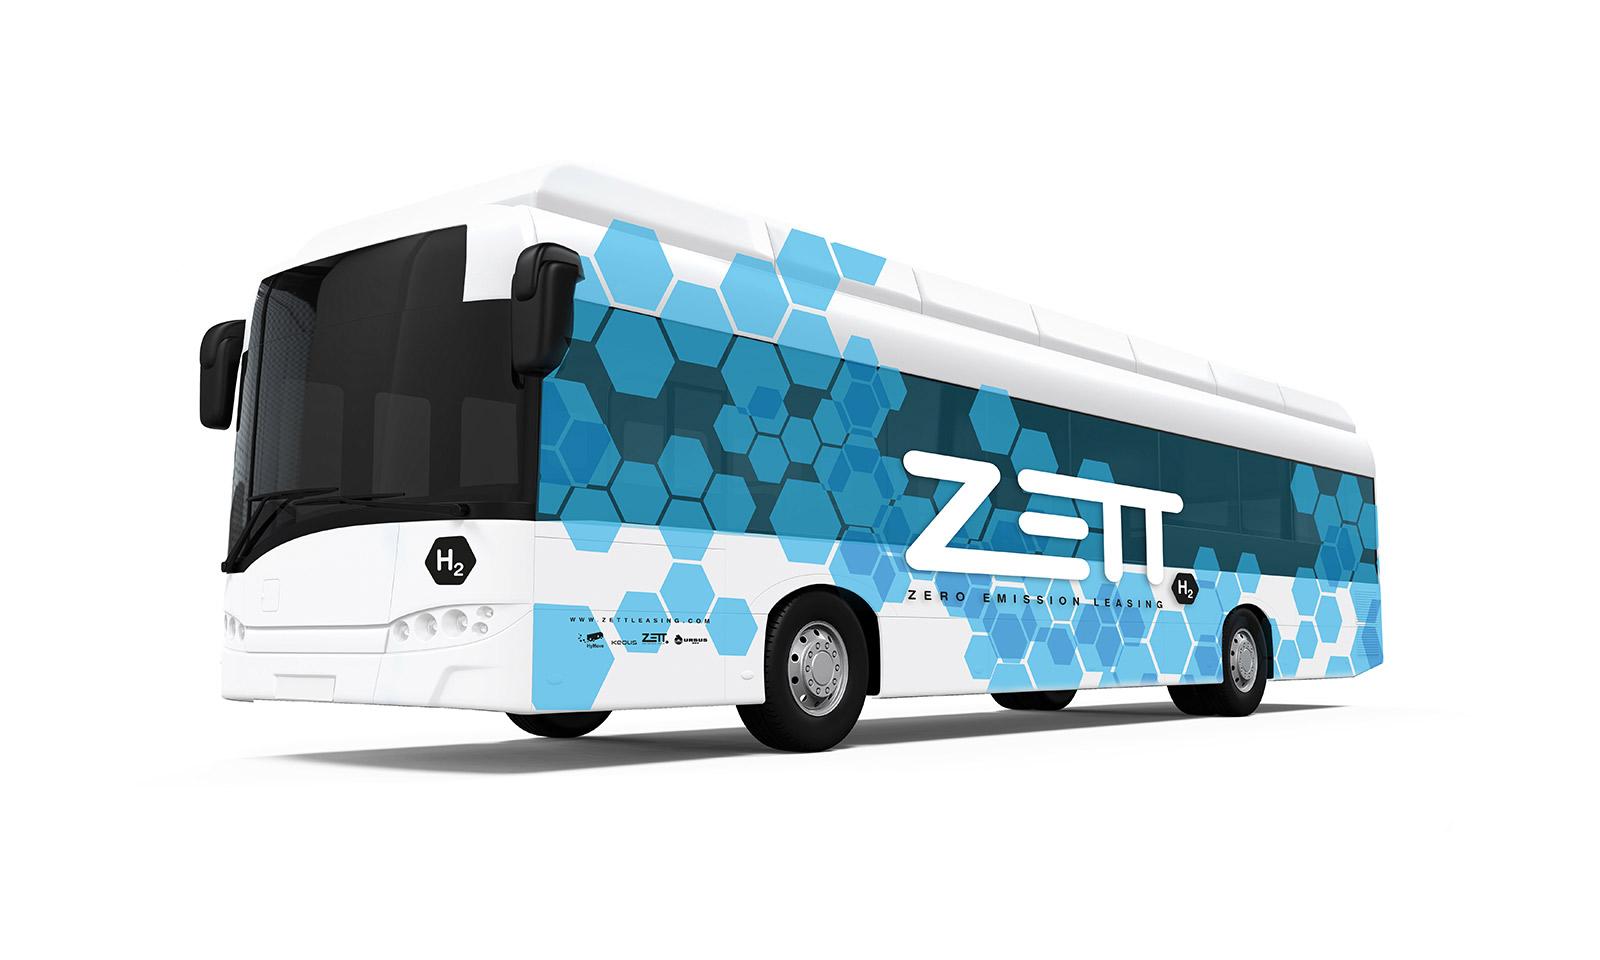 Leasing - Zett Zero